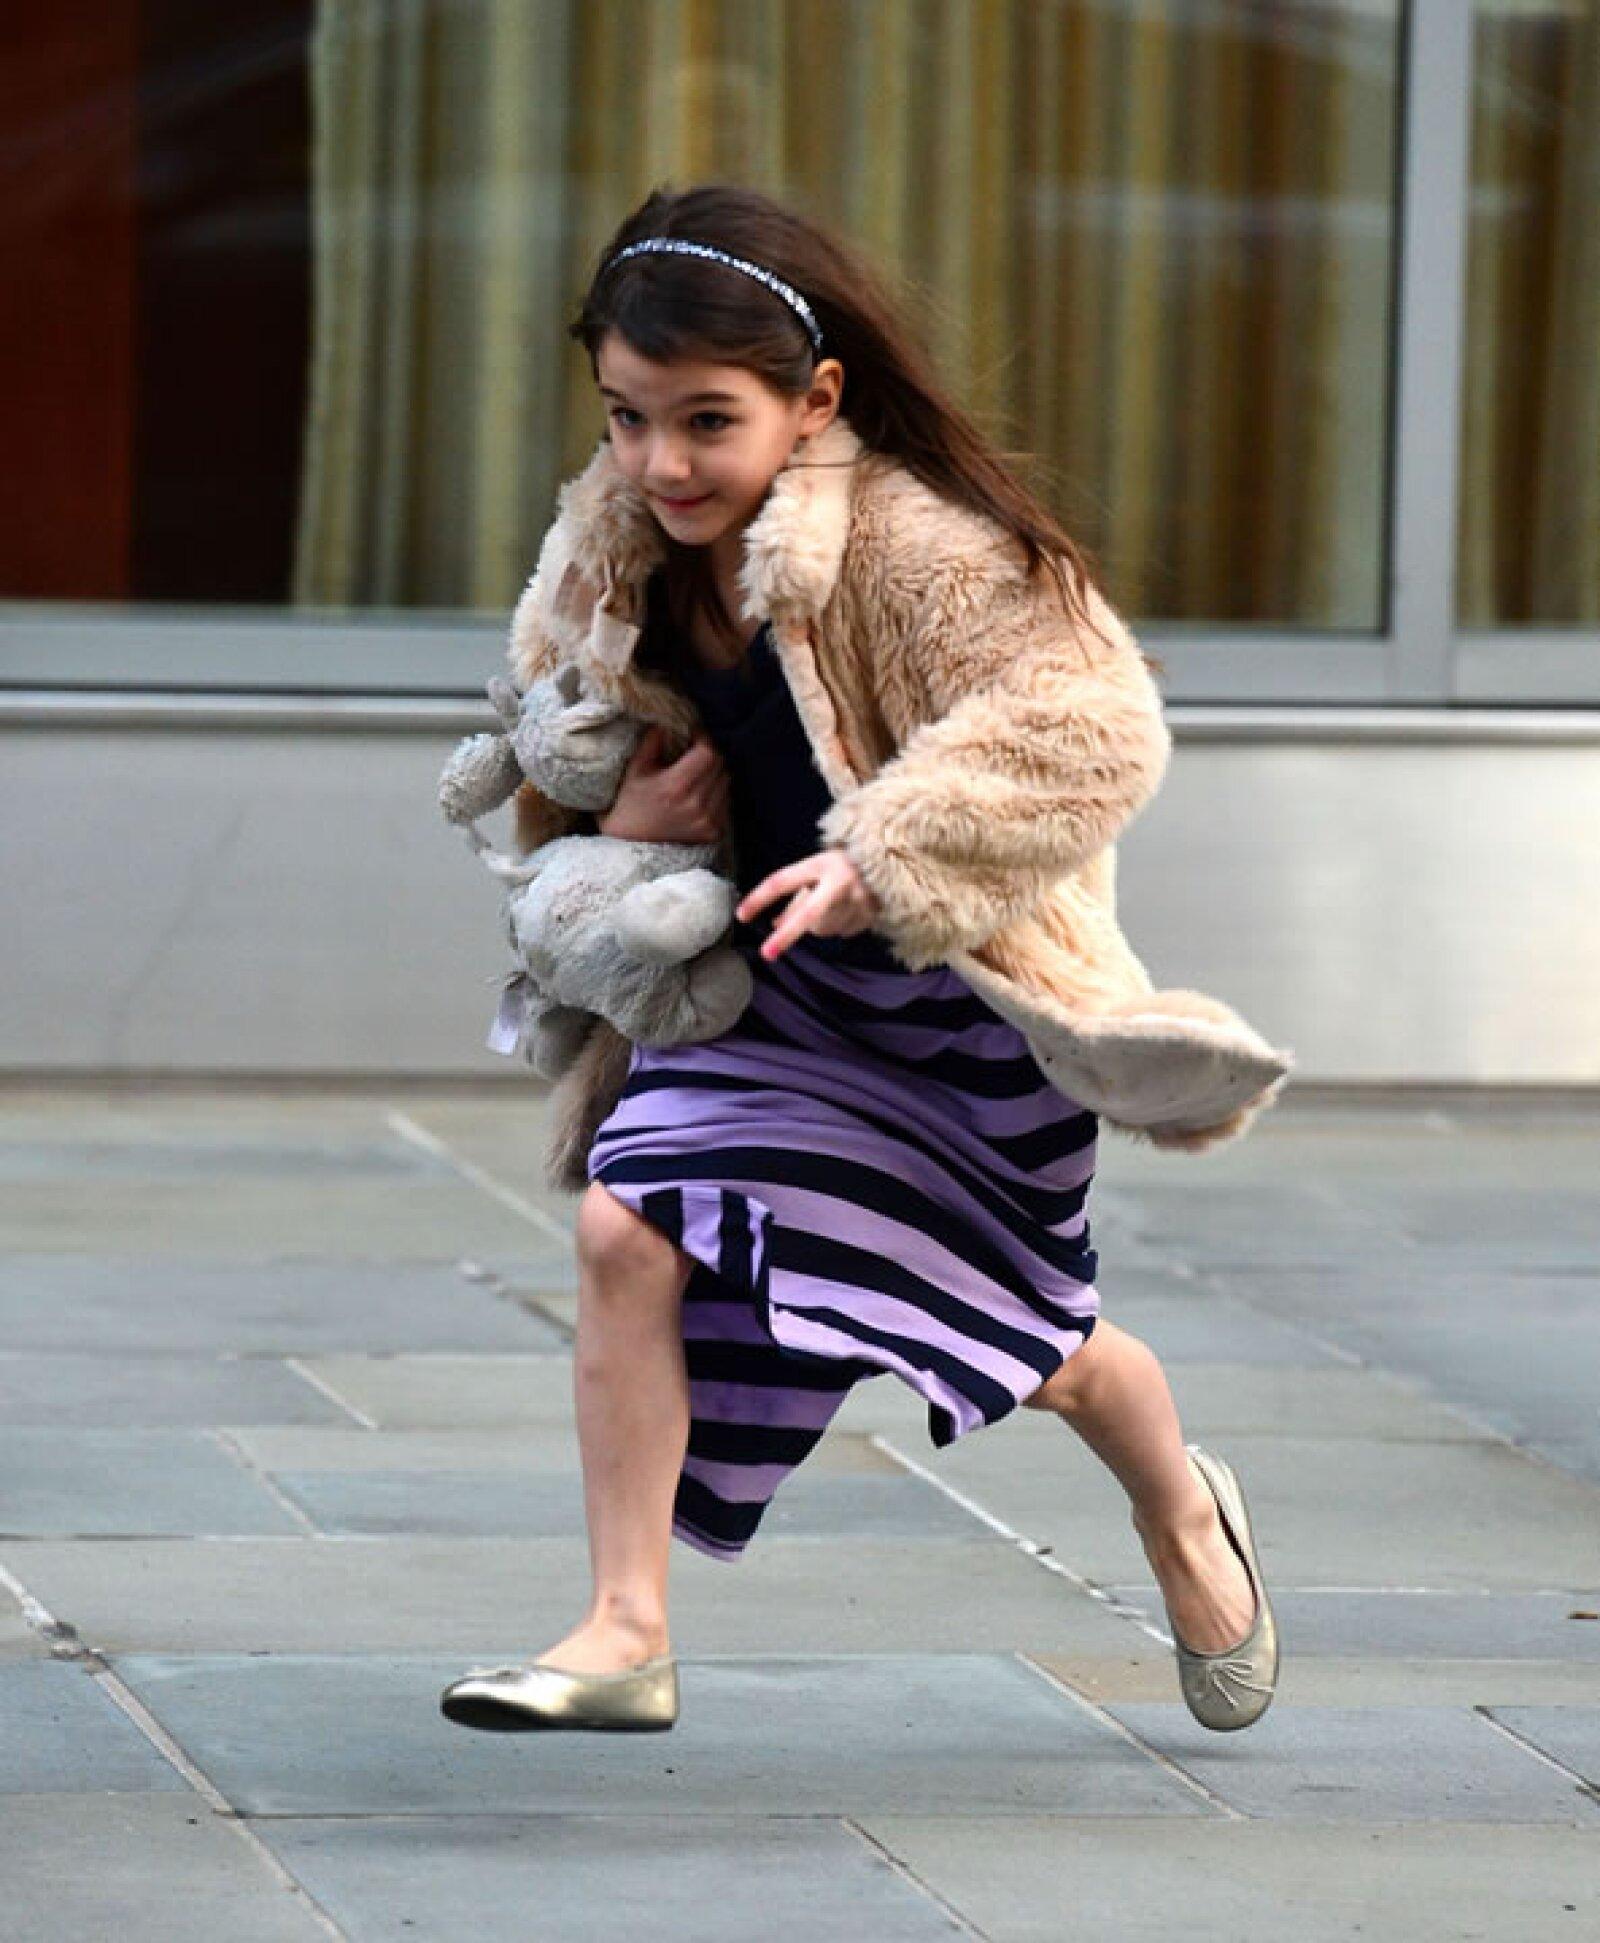 Aunque el clima sea frío, ella siempre está a la moda.